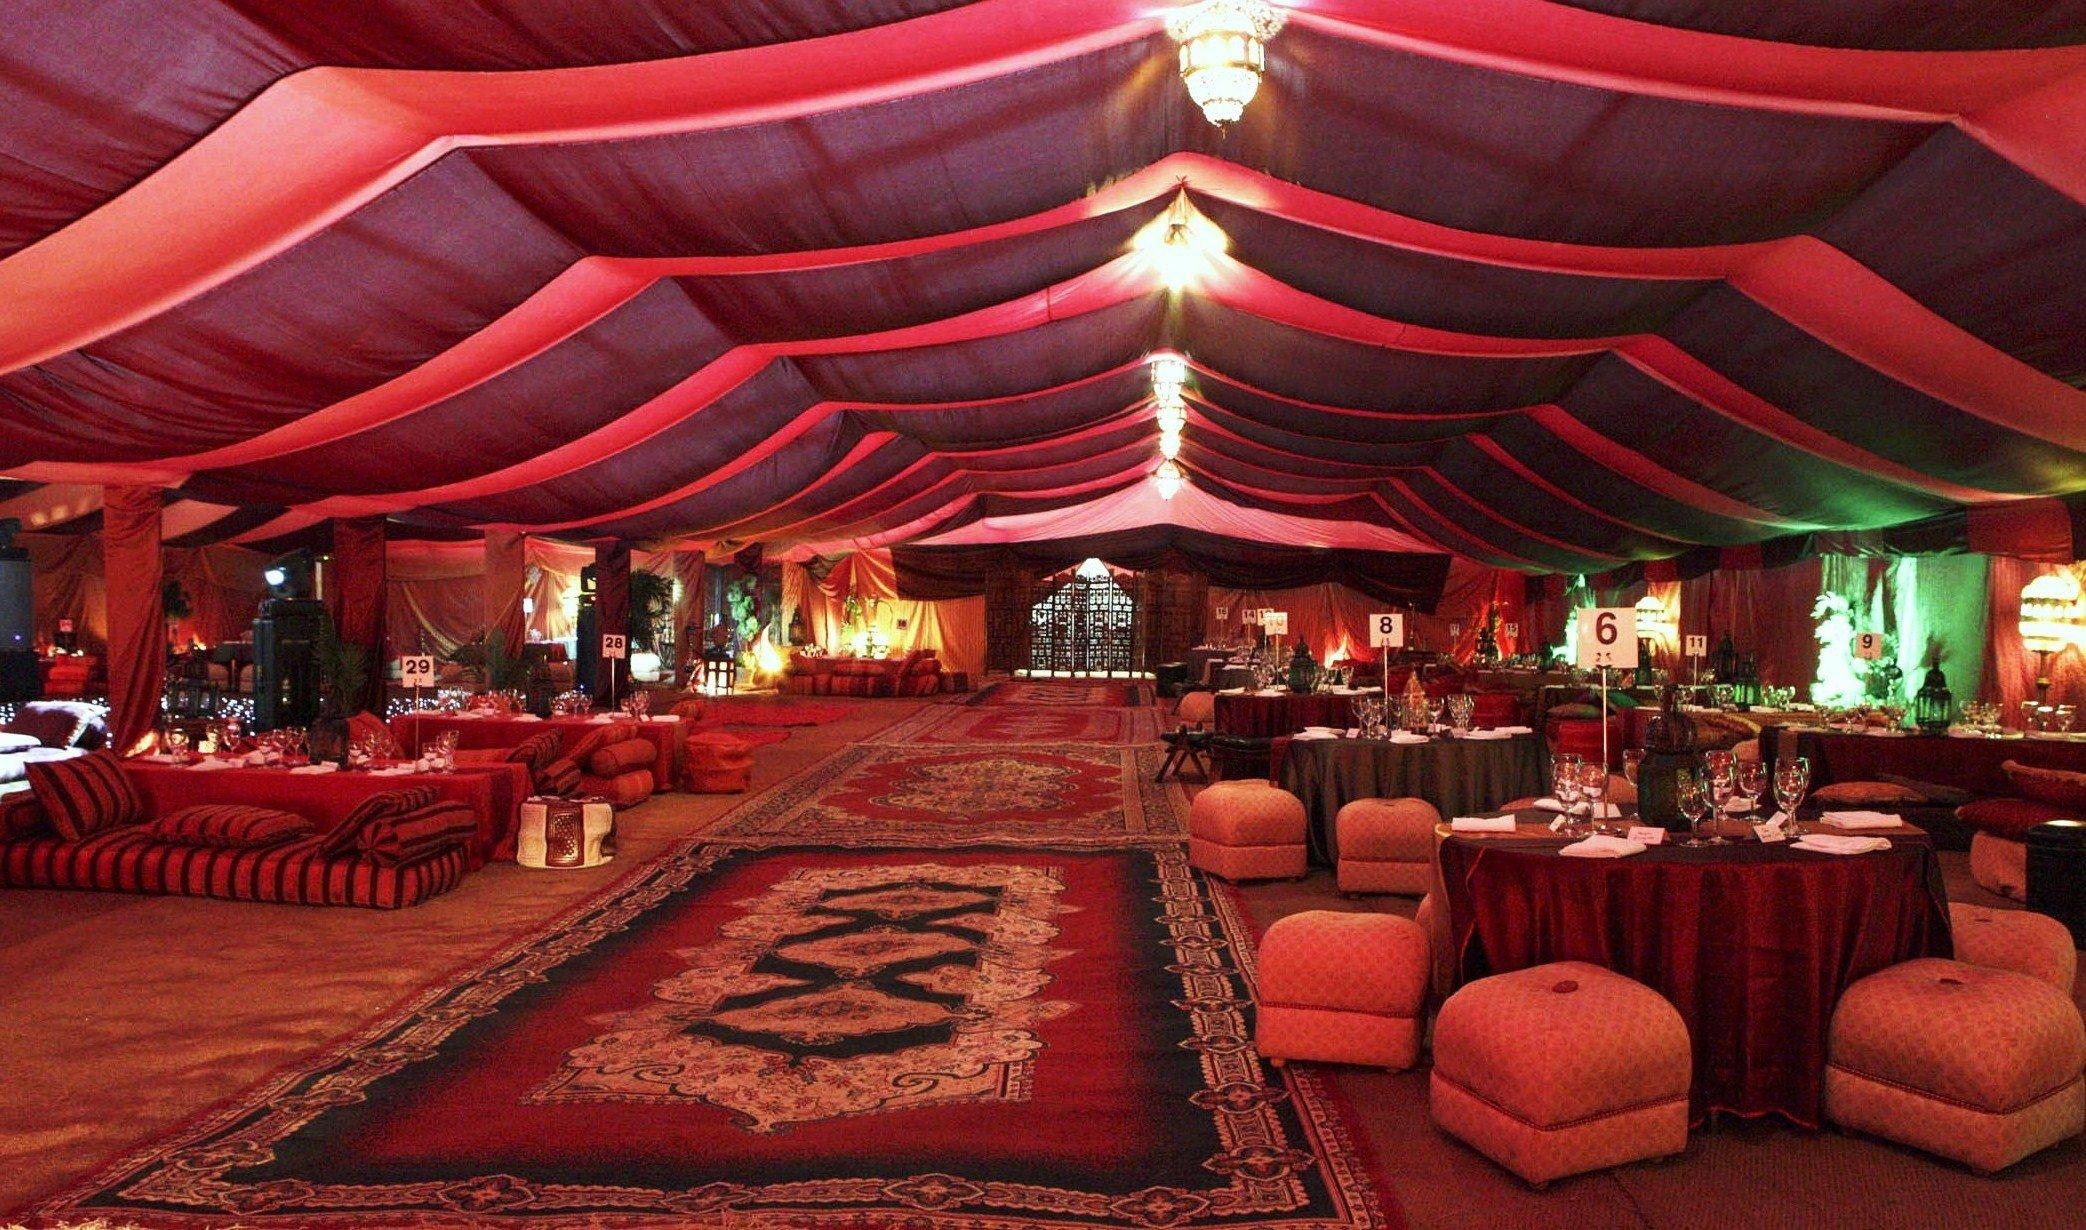 Hochzeit im orientalischen Stil